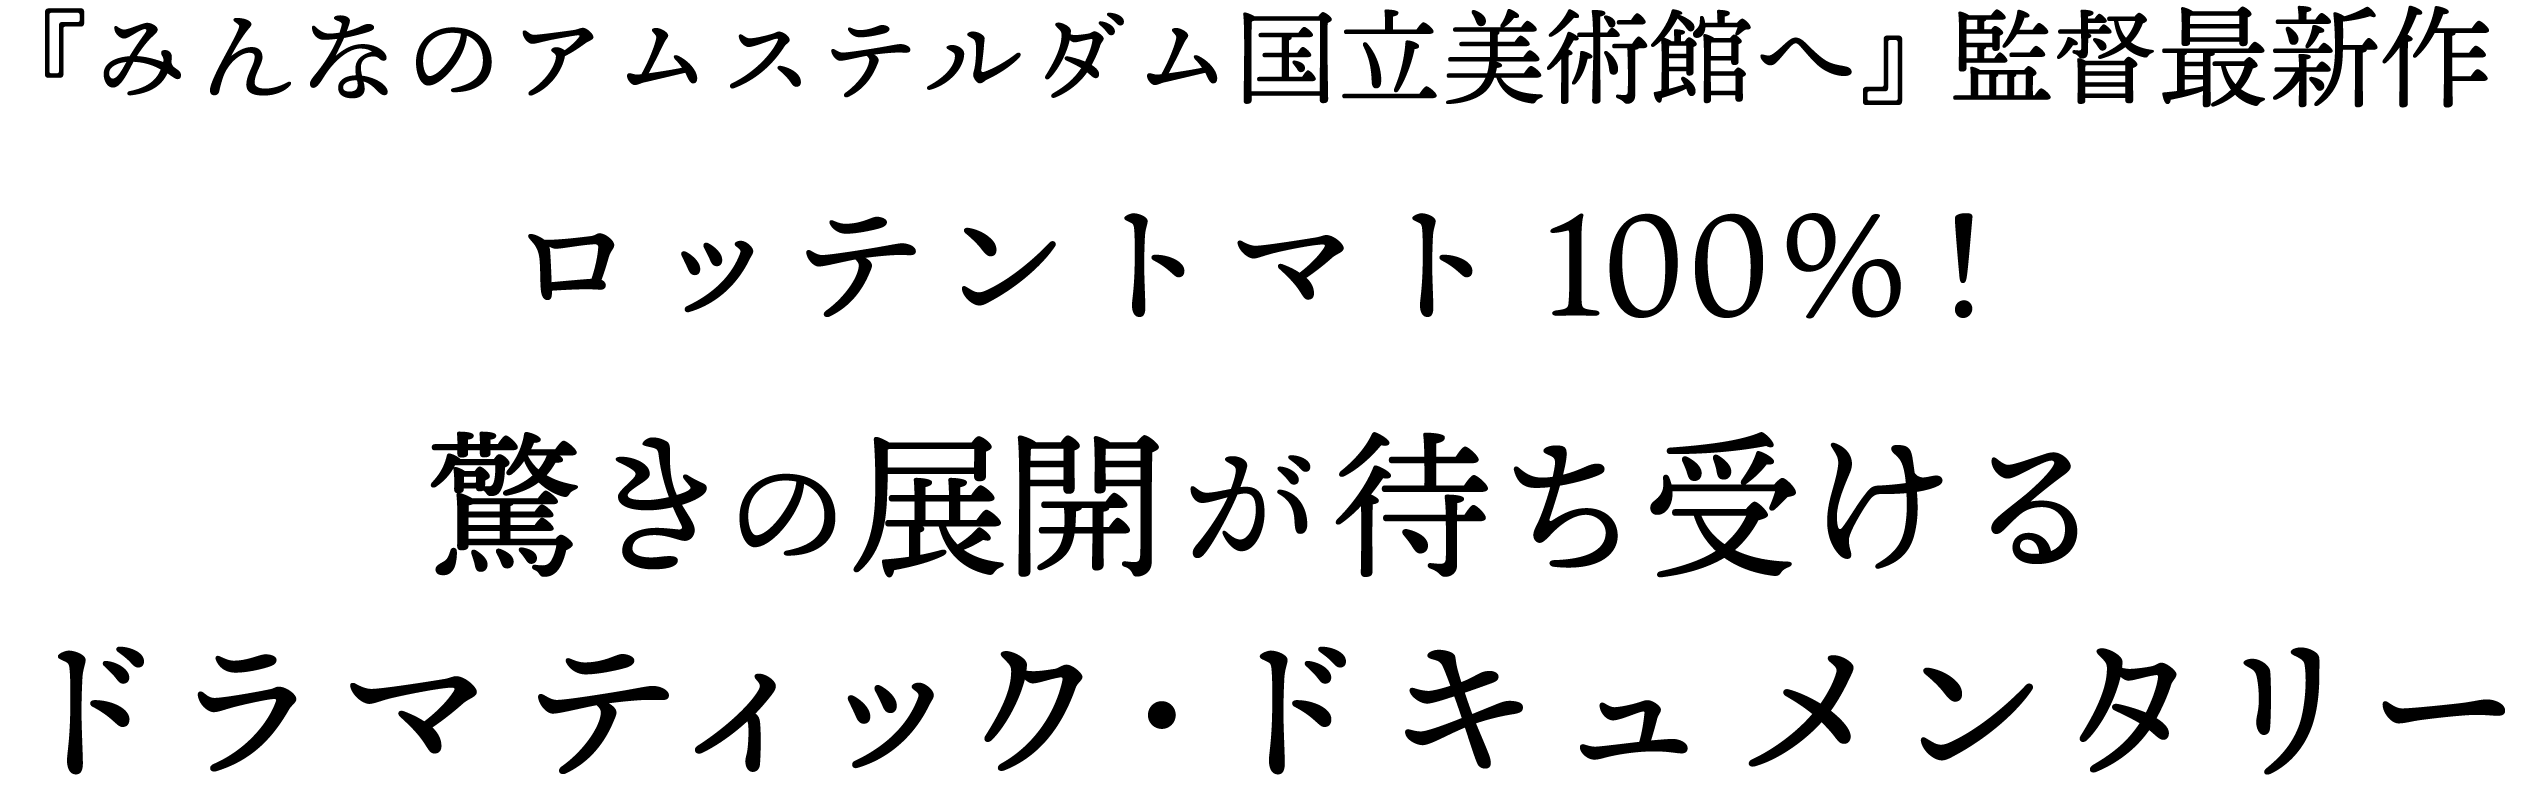 『みんなのアムステルダム国立美術館へ』監督最新作 ロッテントマト100%!驚きの展開が待ち受けるドラマティック・ドキュメンタリー